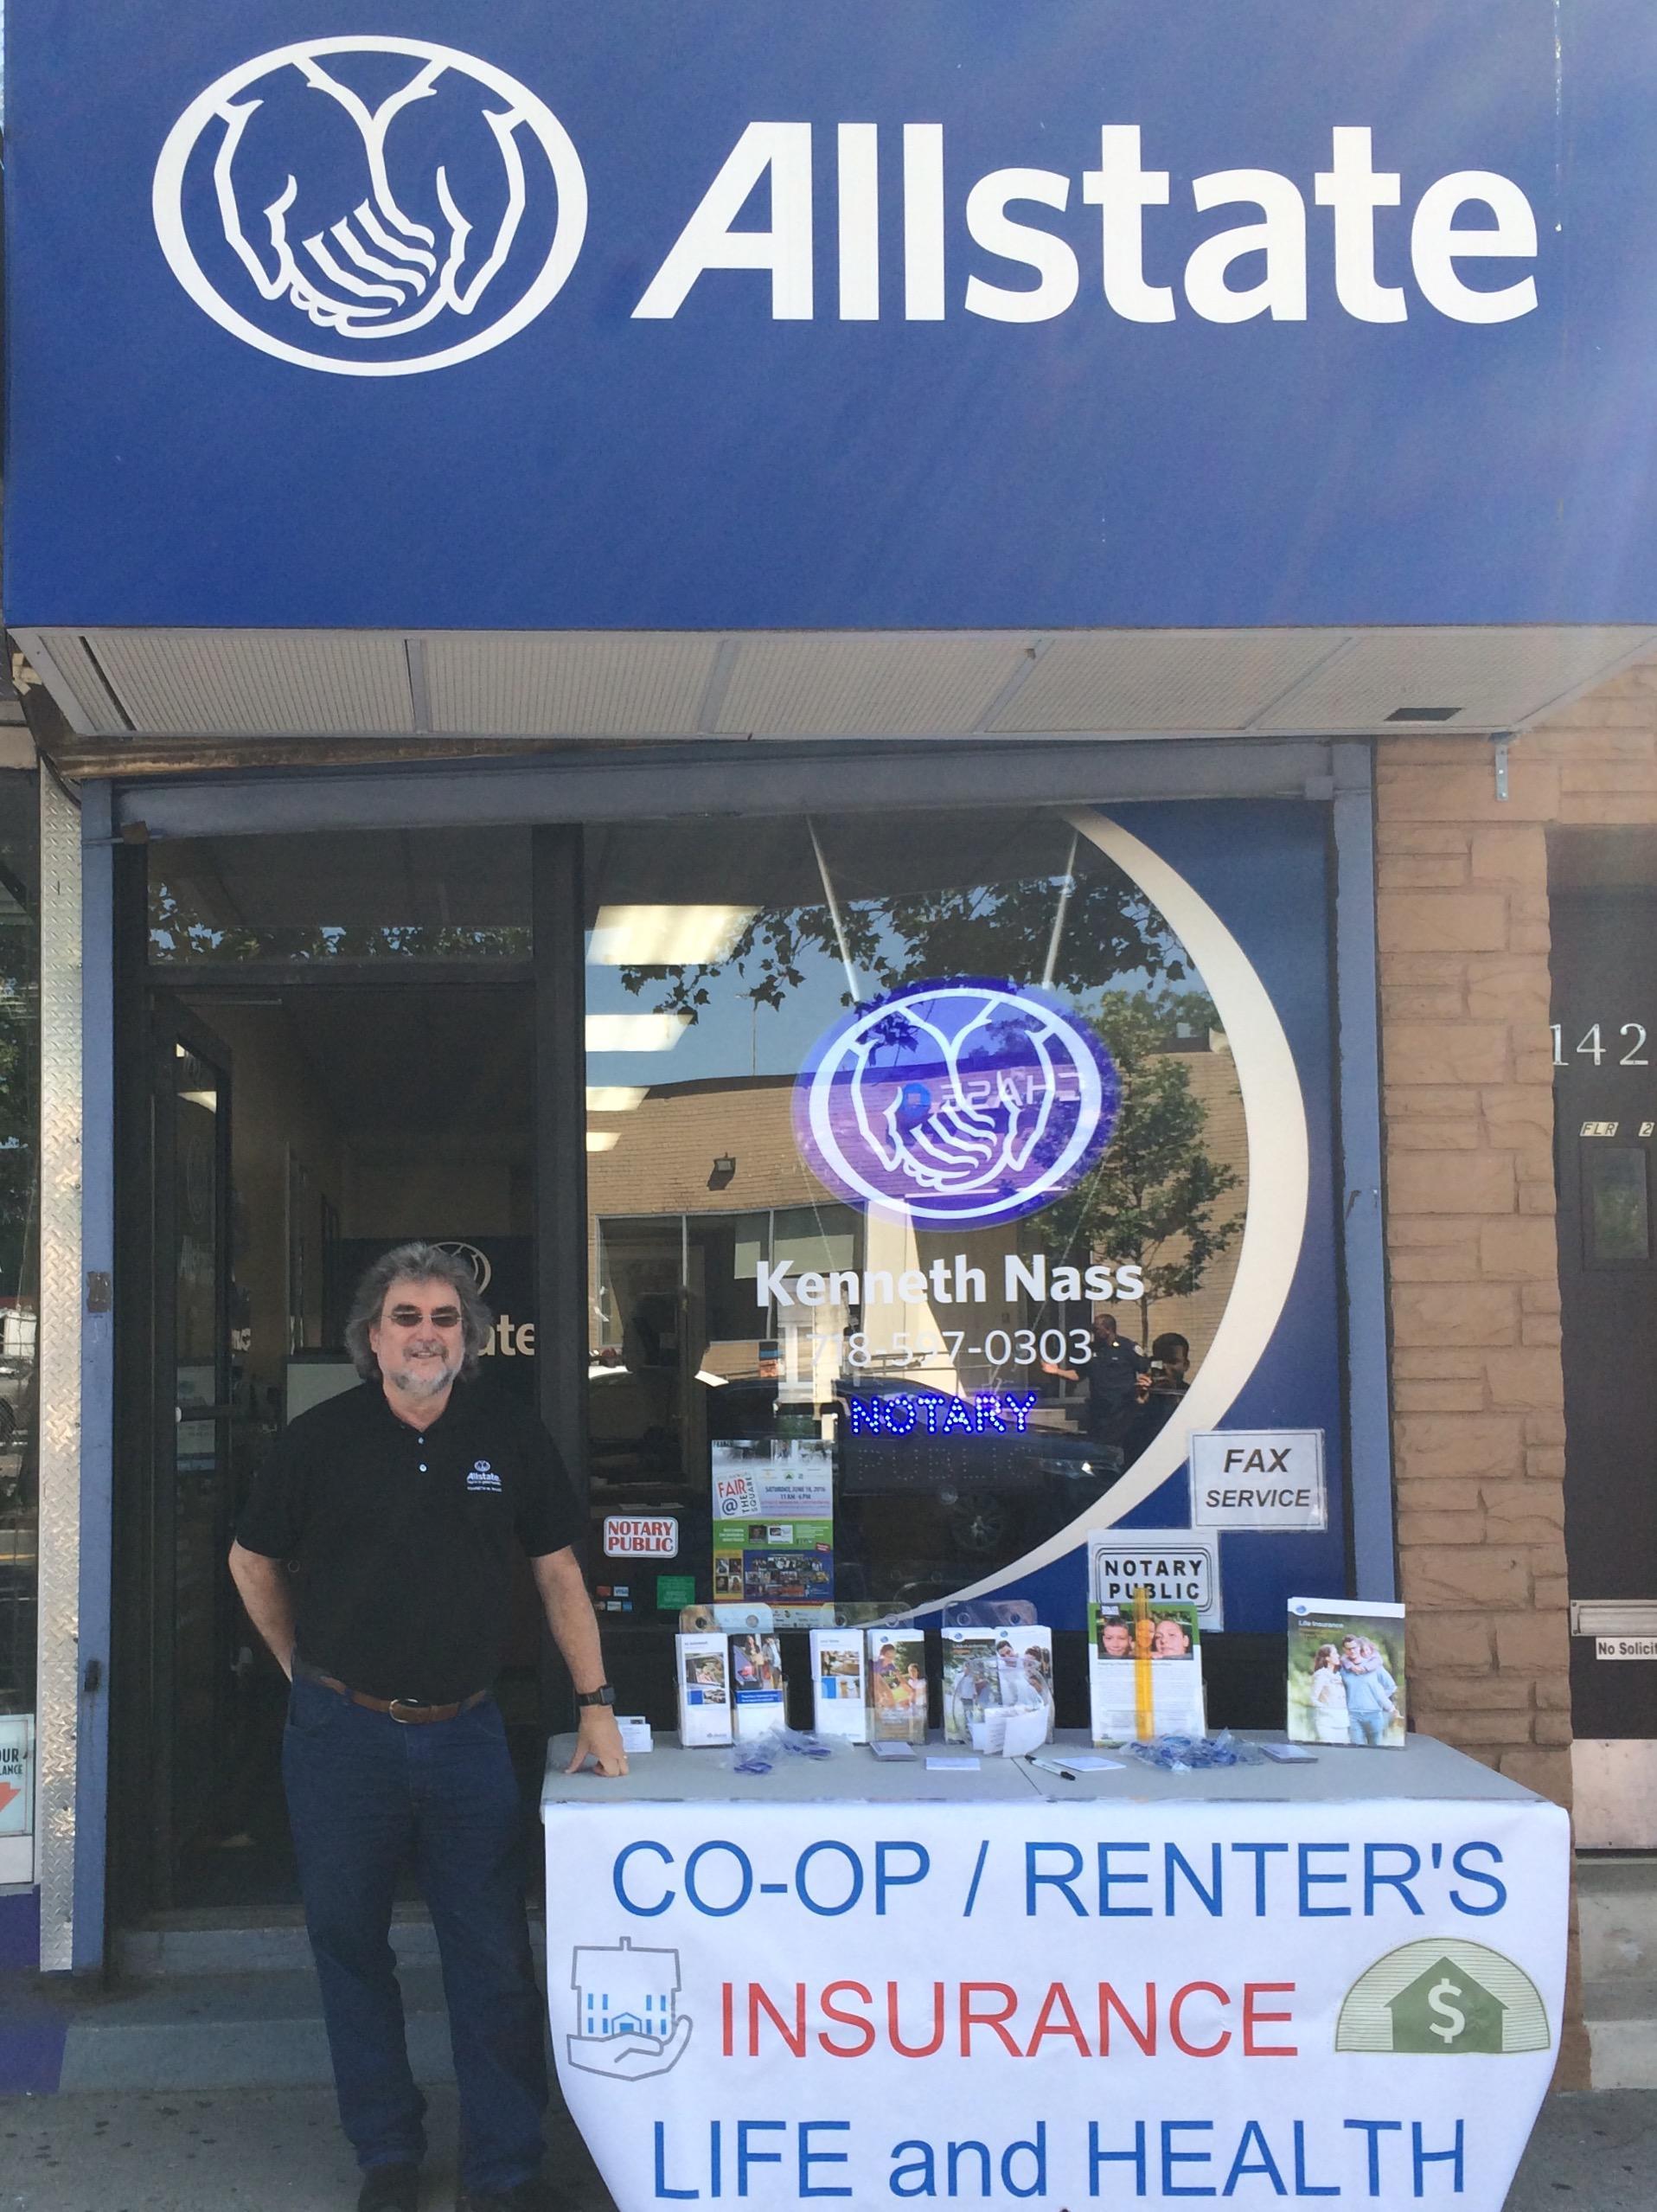 Kenneth Nass: Allstate Insurance image 1